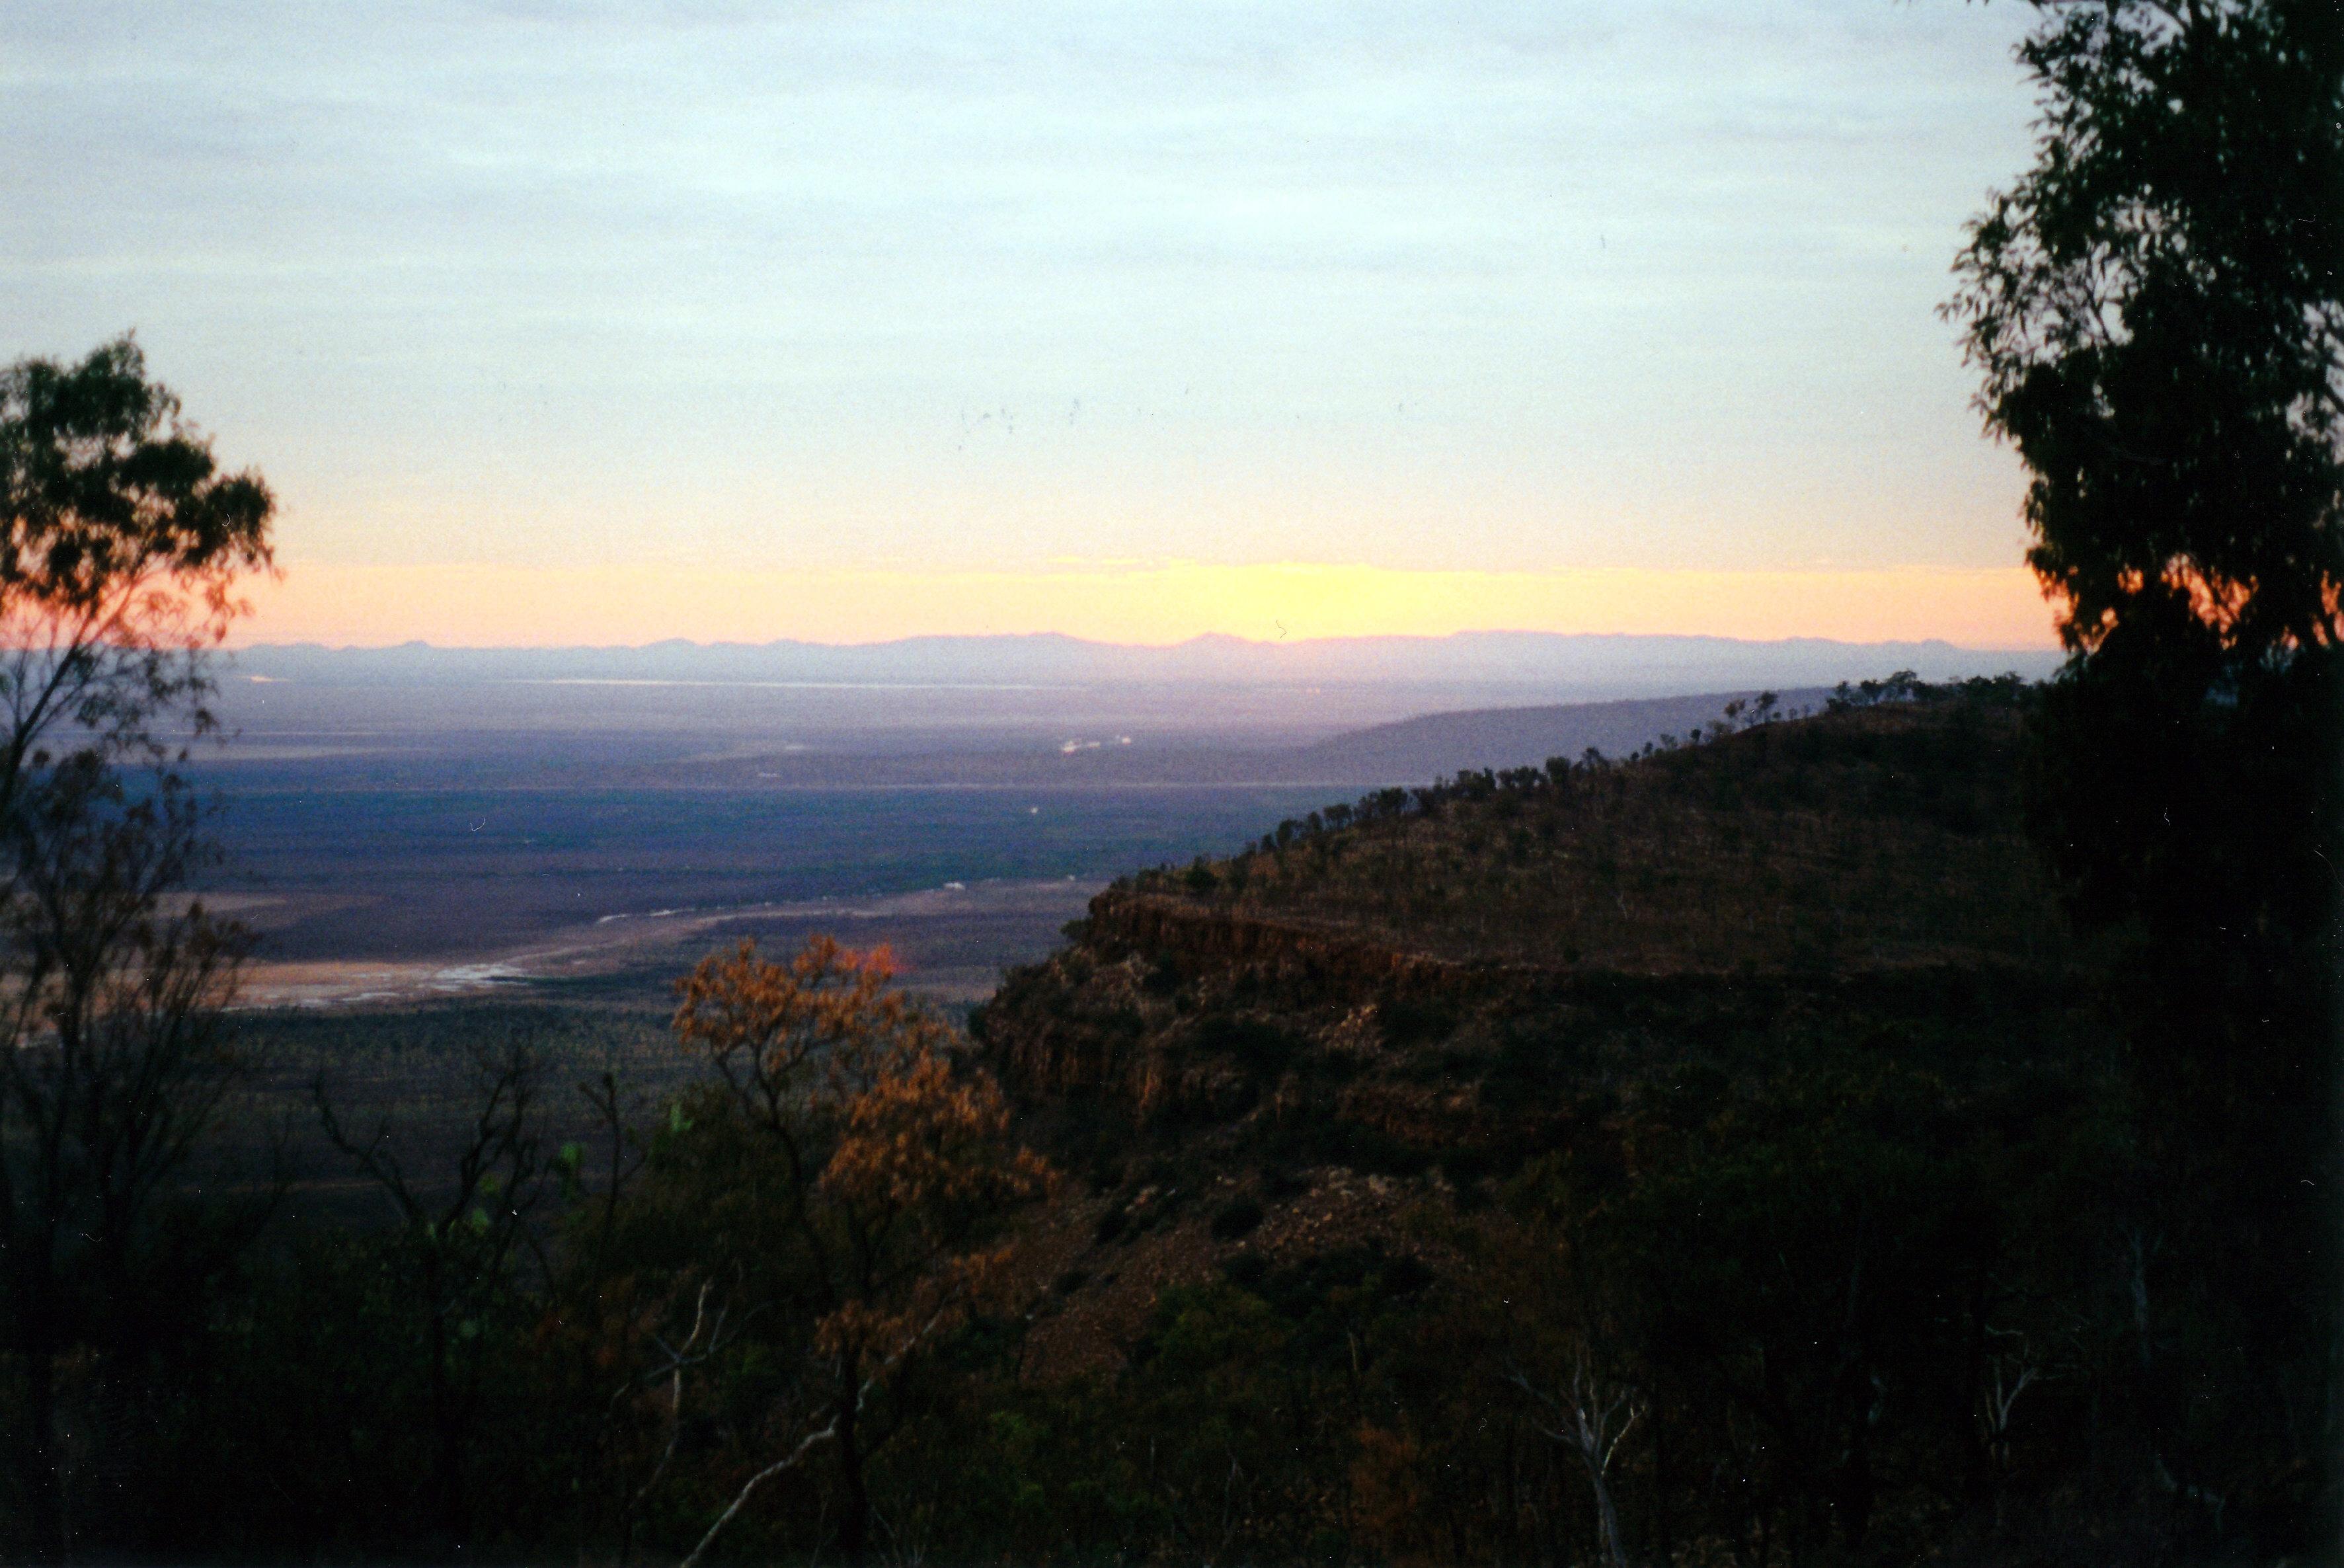 07-13-2000 sunrise bastion lo.jpg